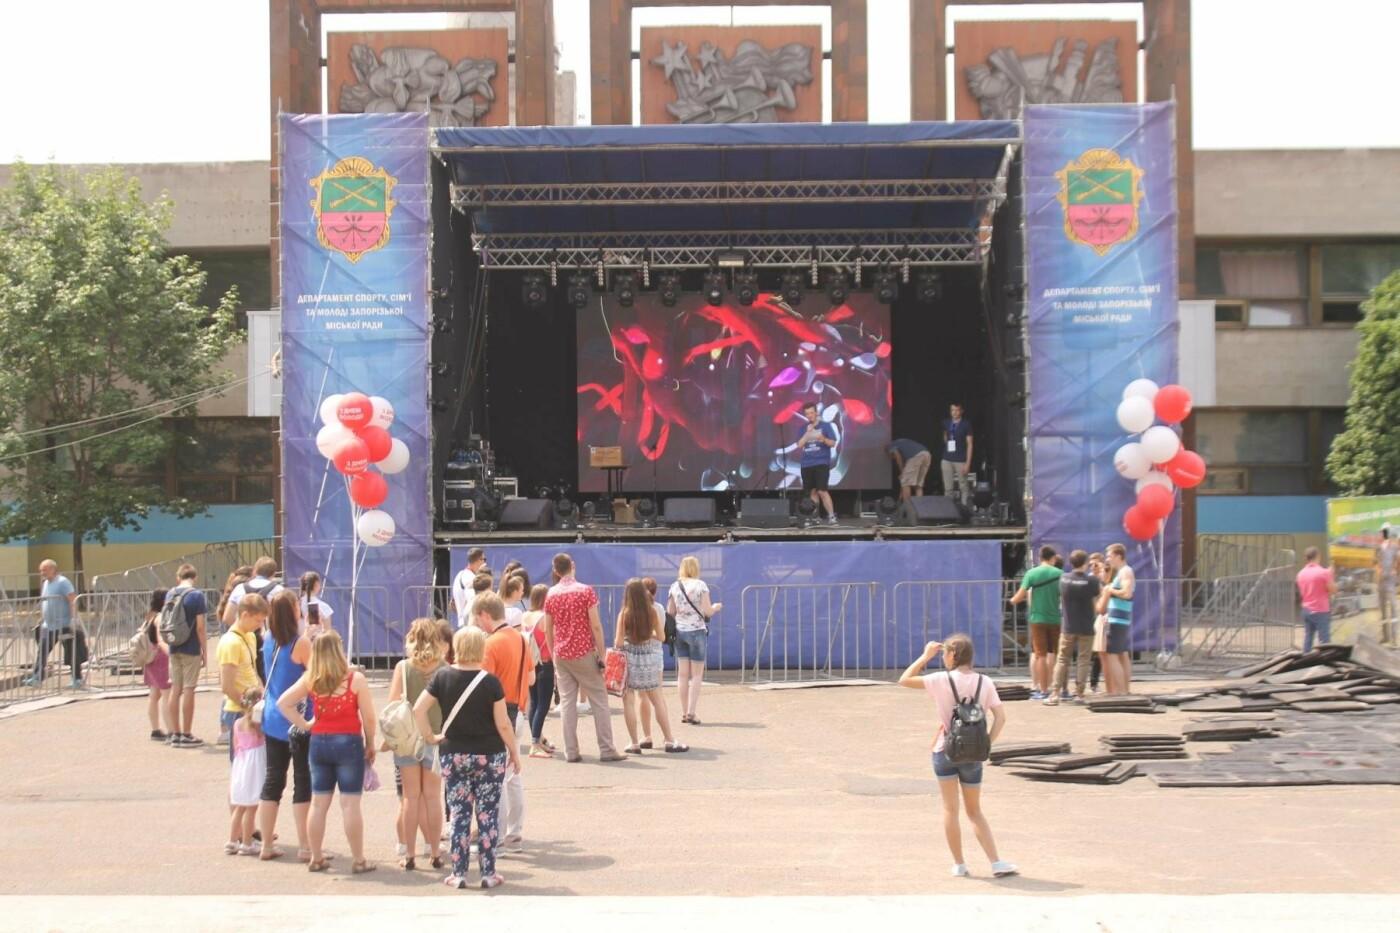 Фестиваль еды, концерты и развлечения: в Запорожье начался фестиваль ко Дню молодежи, – ФОТОРЕПОРТАЖ, фото-1